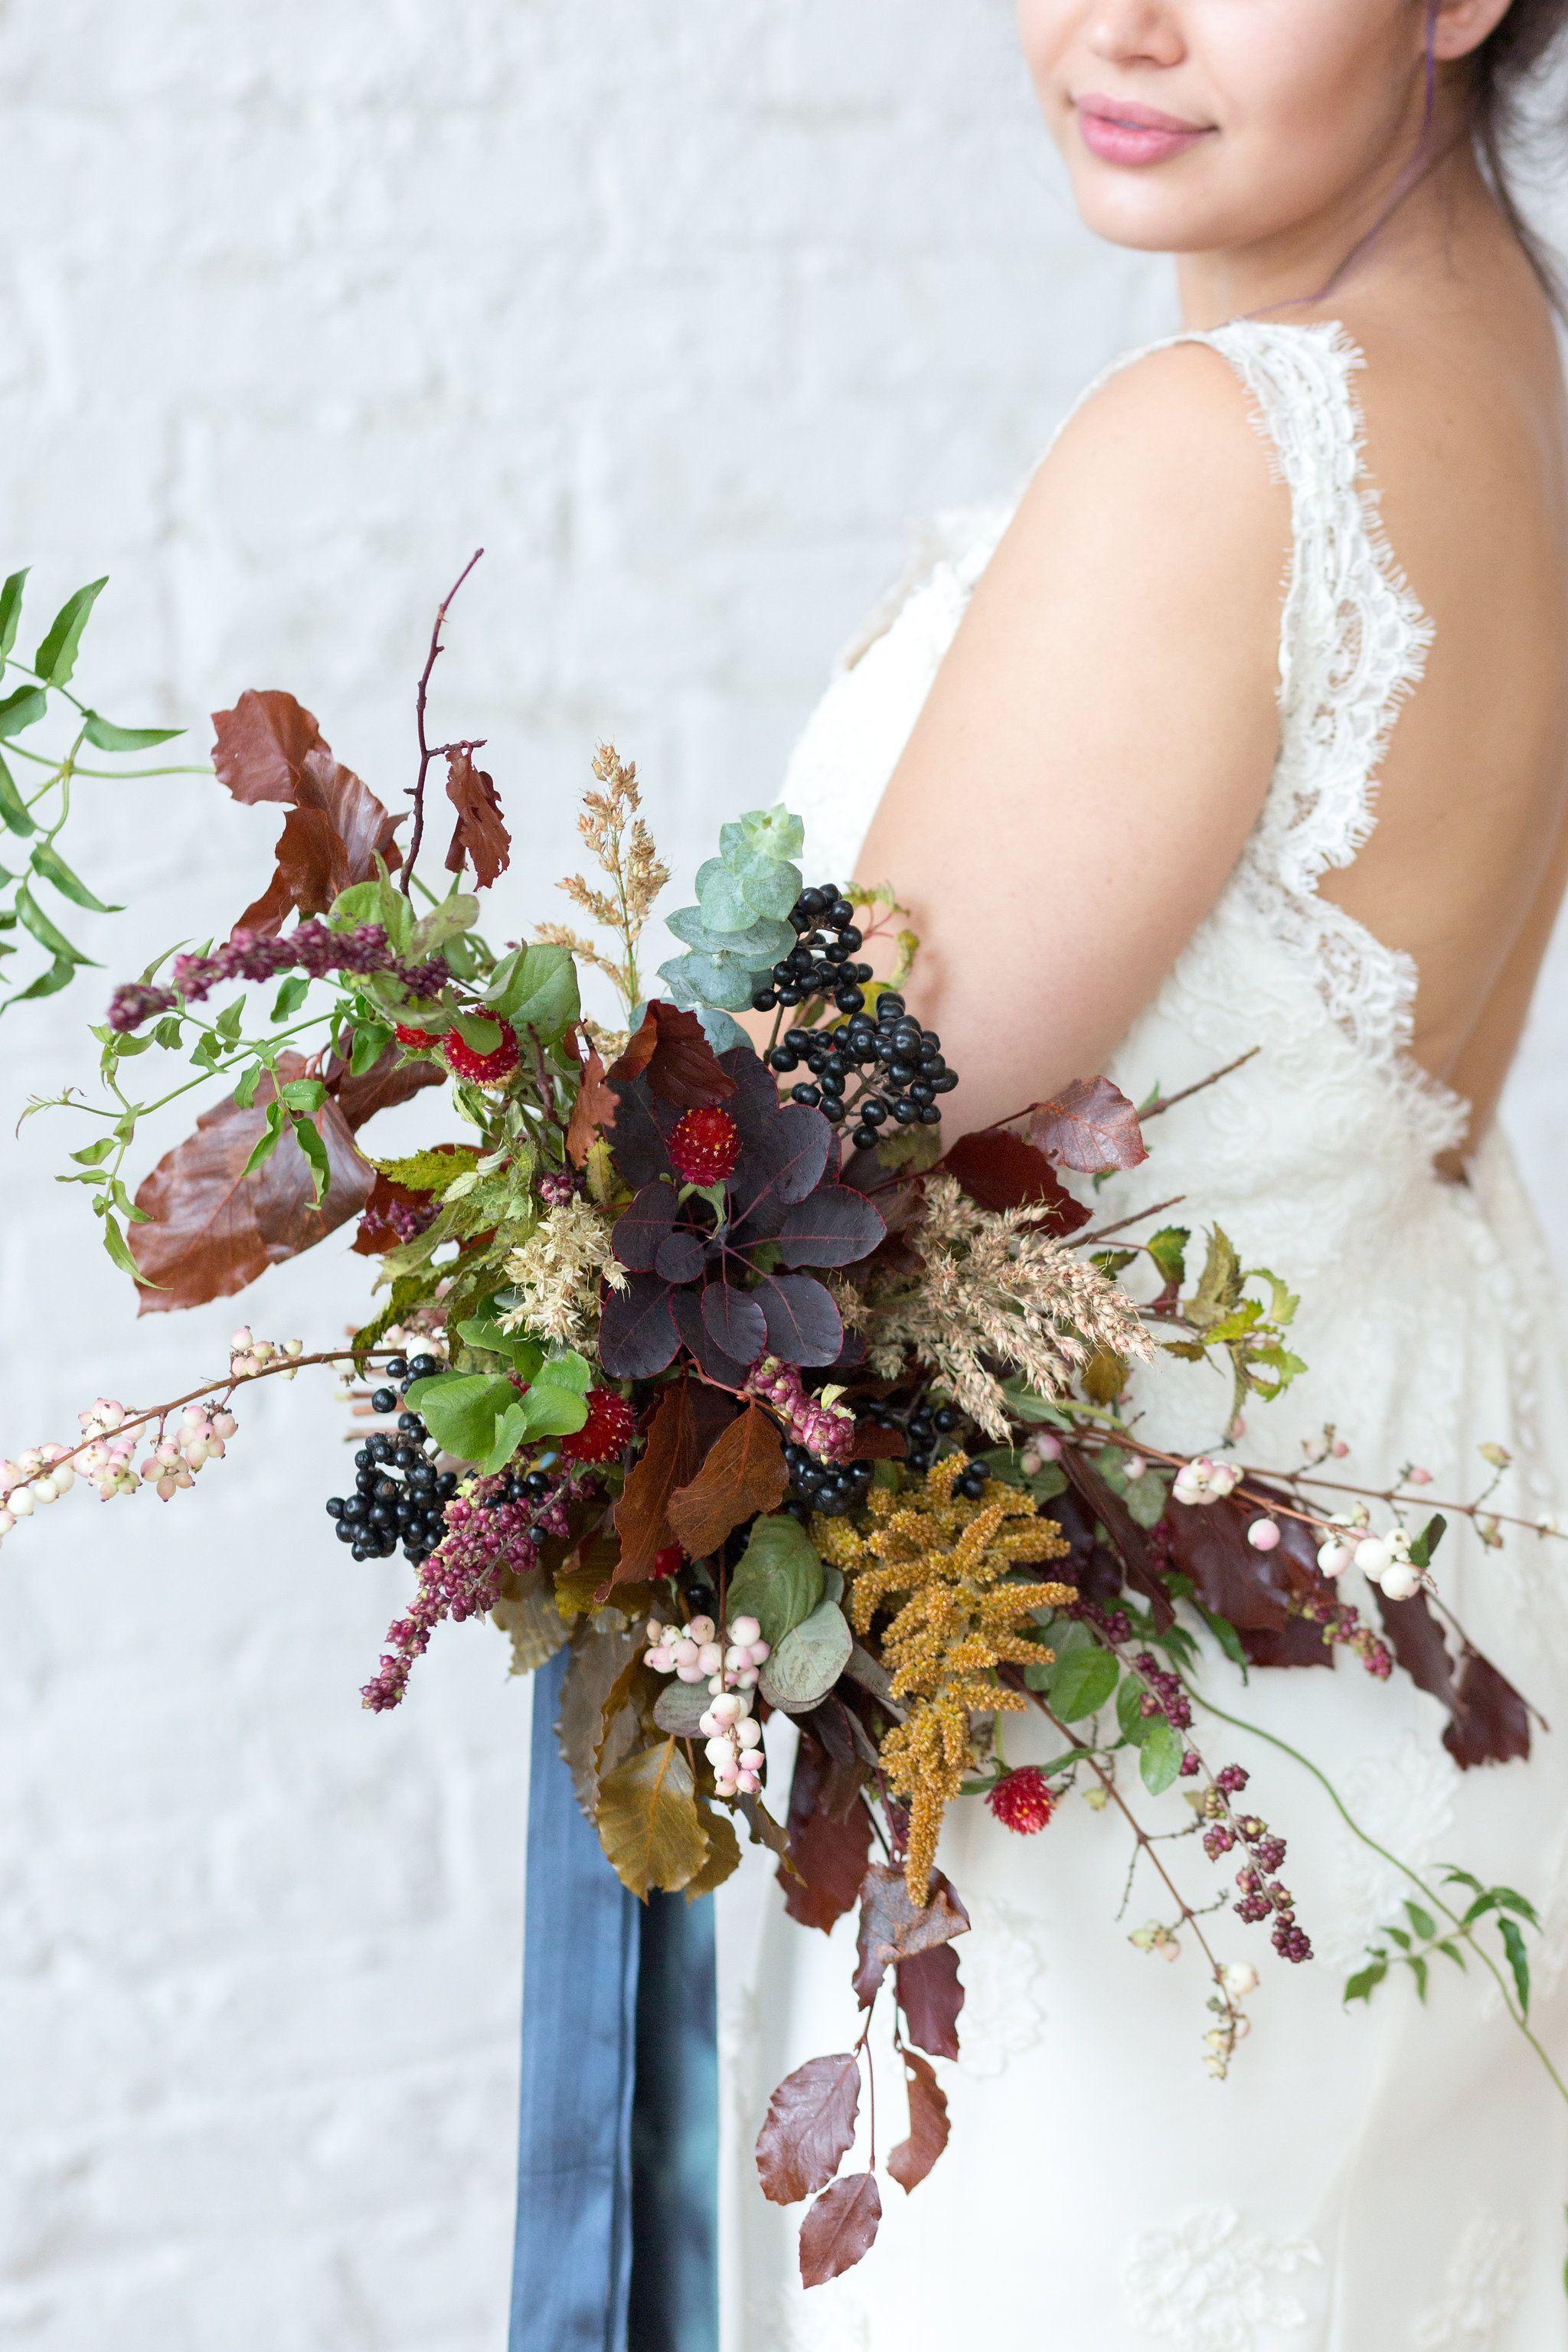 la rue floral, denver colorado wedding florist, dramatic